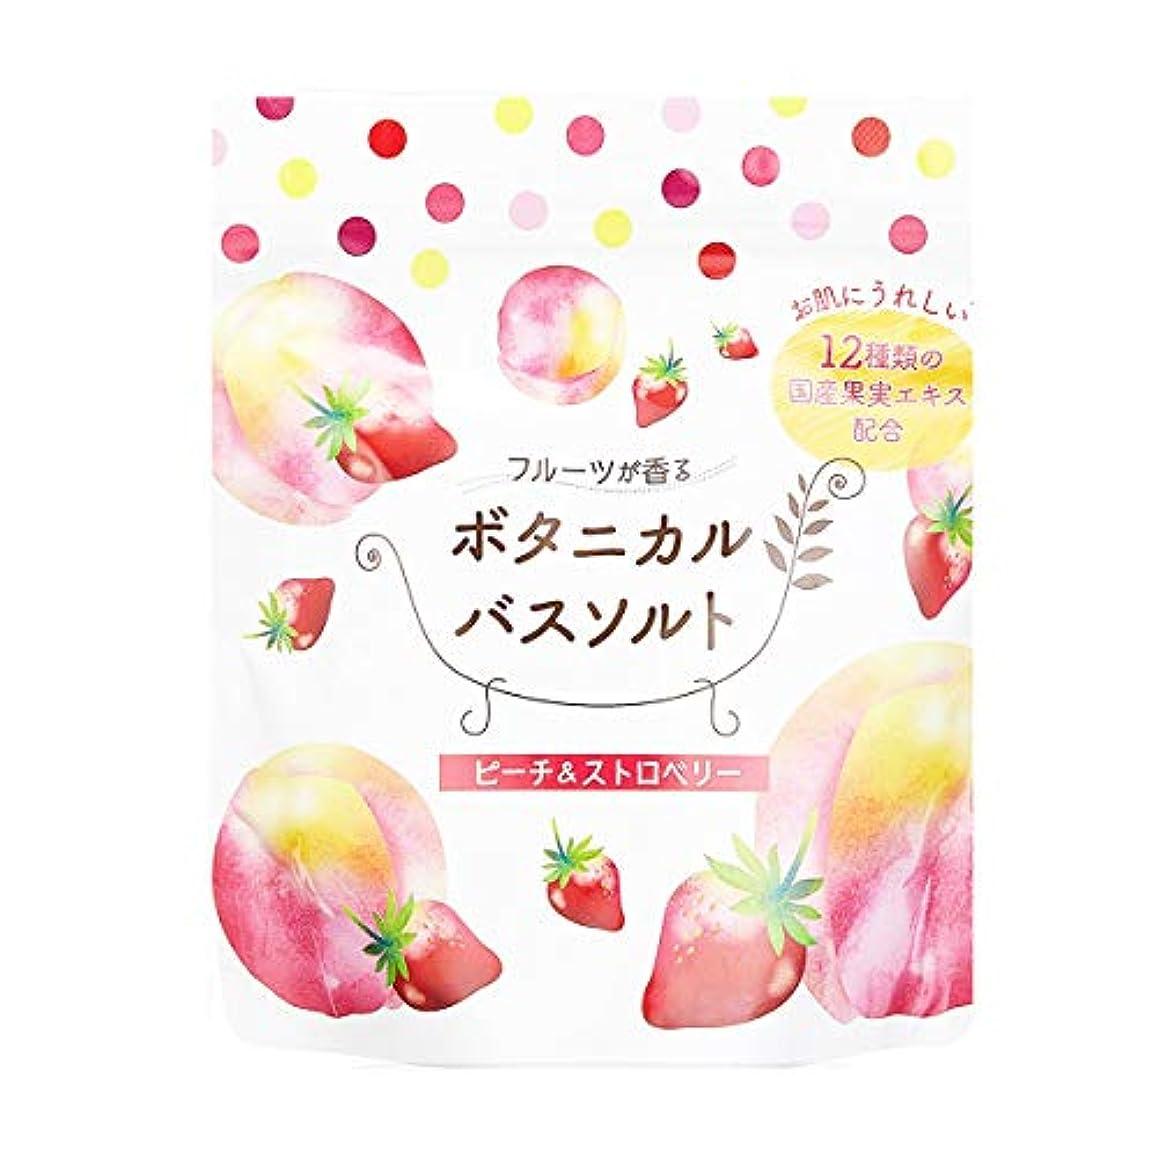 空洞維持本質的ではない松田医薬品 フルーツが香るボタニカルバスソルト ピーチ&ストロベリー 30g